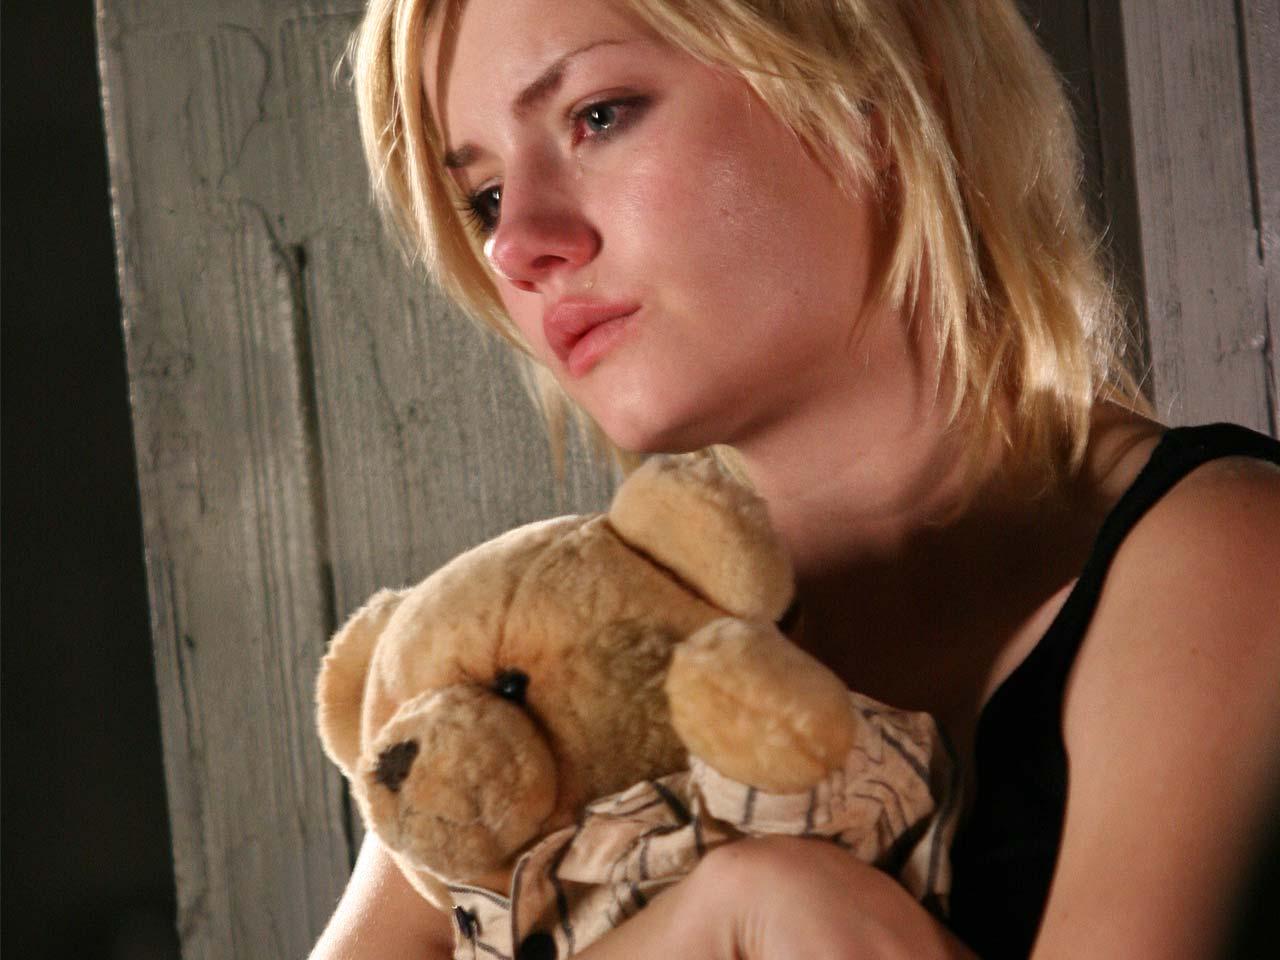 http://4.bp.blogspot.com/-SbeaMZJppys/Ty7ktK9NliI/AAAAAAAAAEg/xg-v8L1KQwU/s1600/elisha-cuthbert-in-captivity-2007_1280x960_20926.jpg